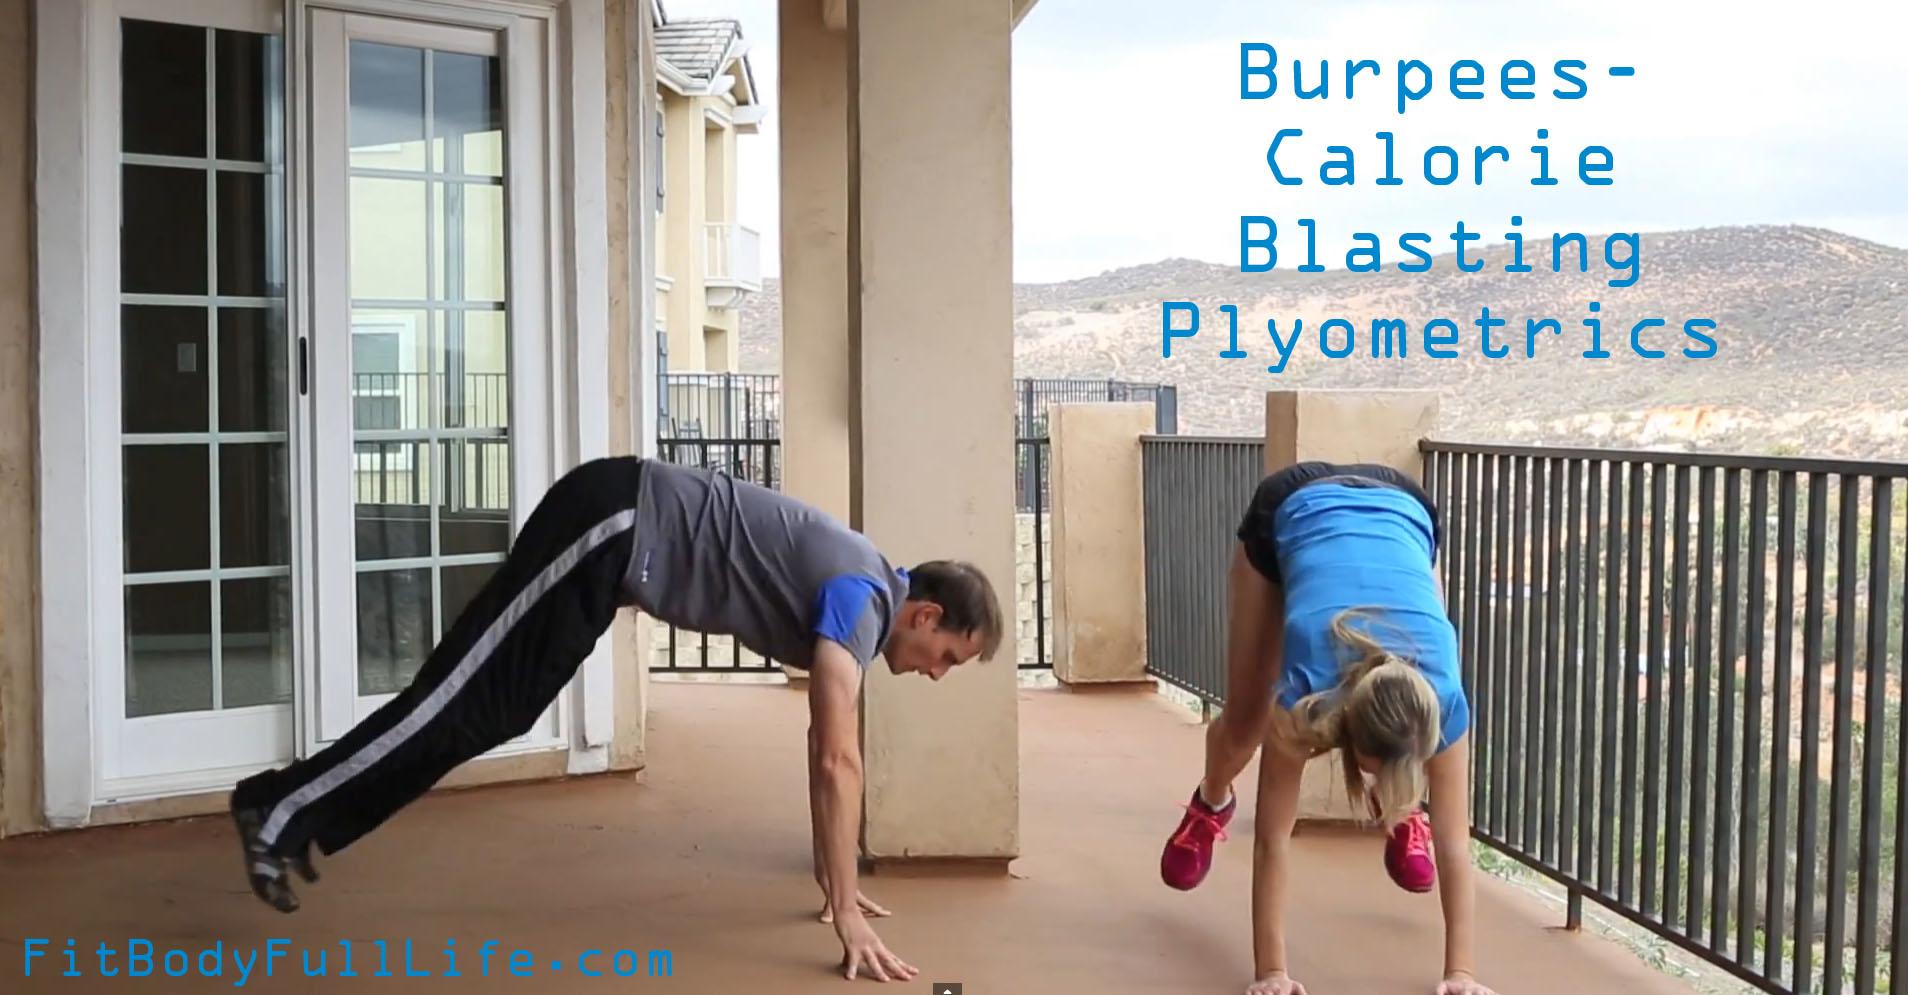 Burpees - Calorie Blasting Plyometrics